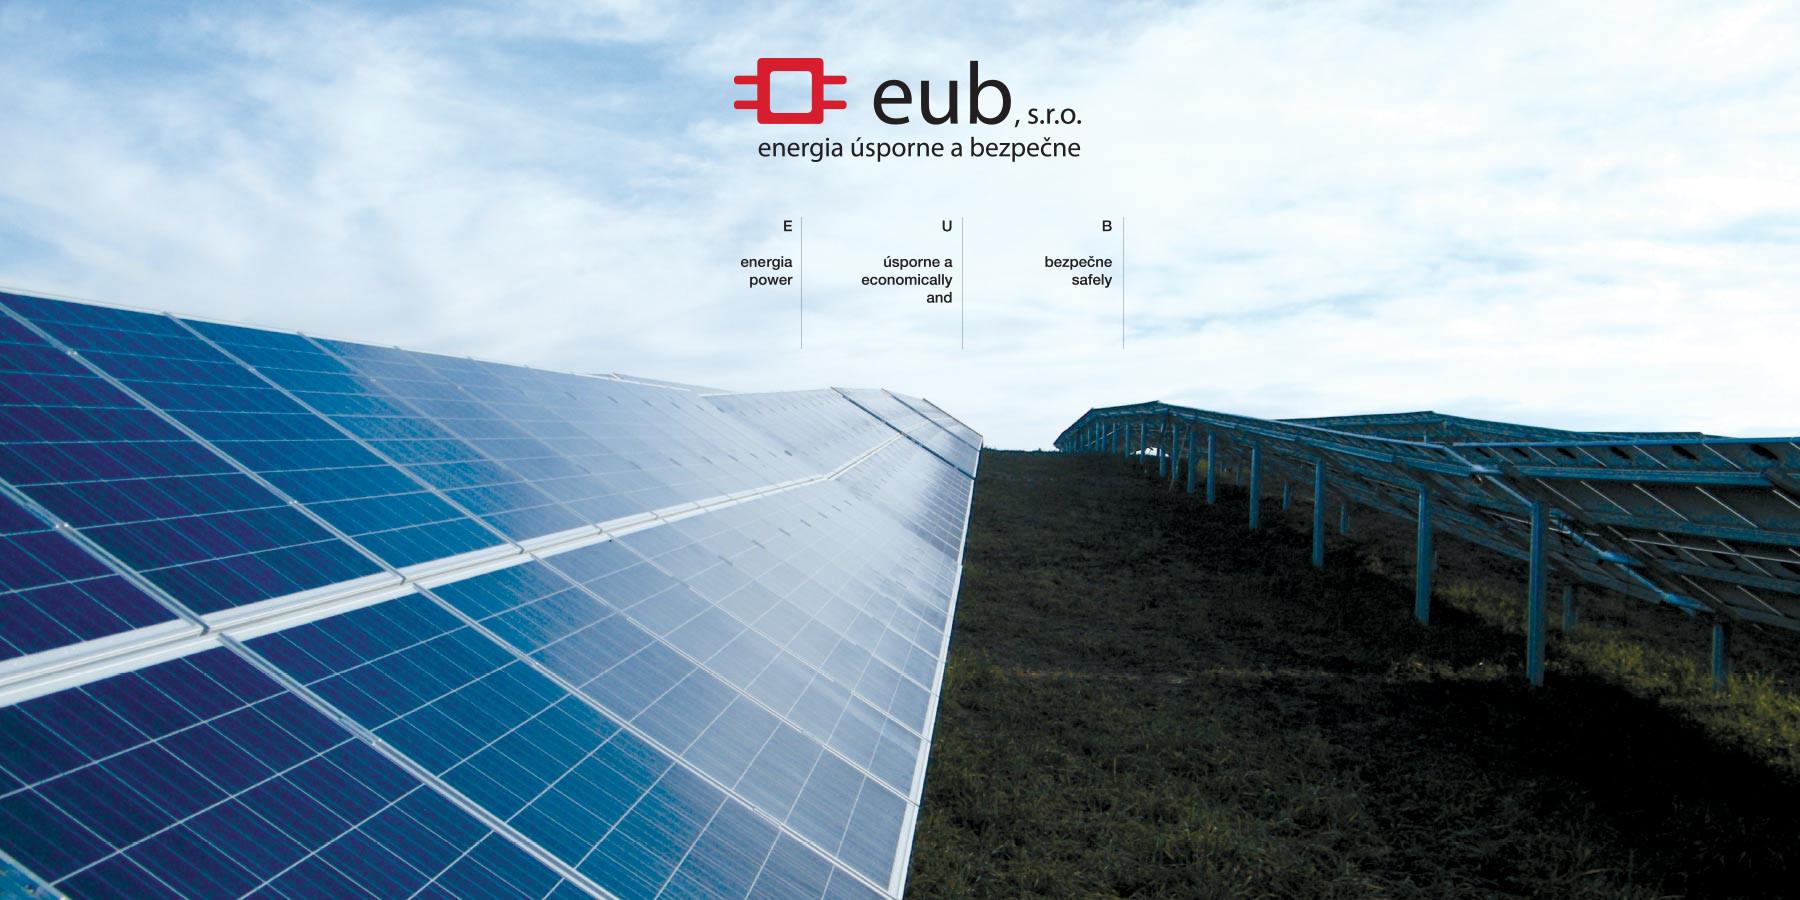 Stránka spoločnosti EUB, s.r.o.